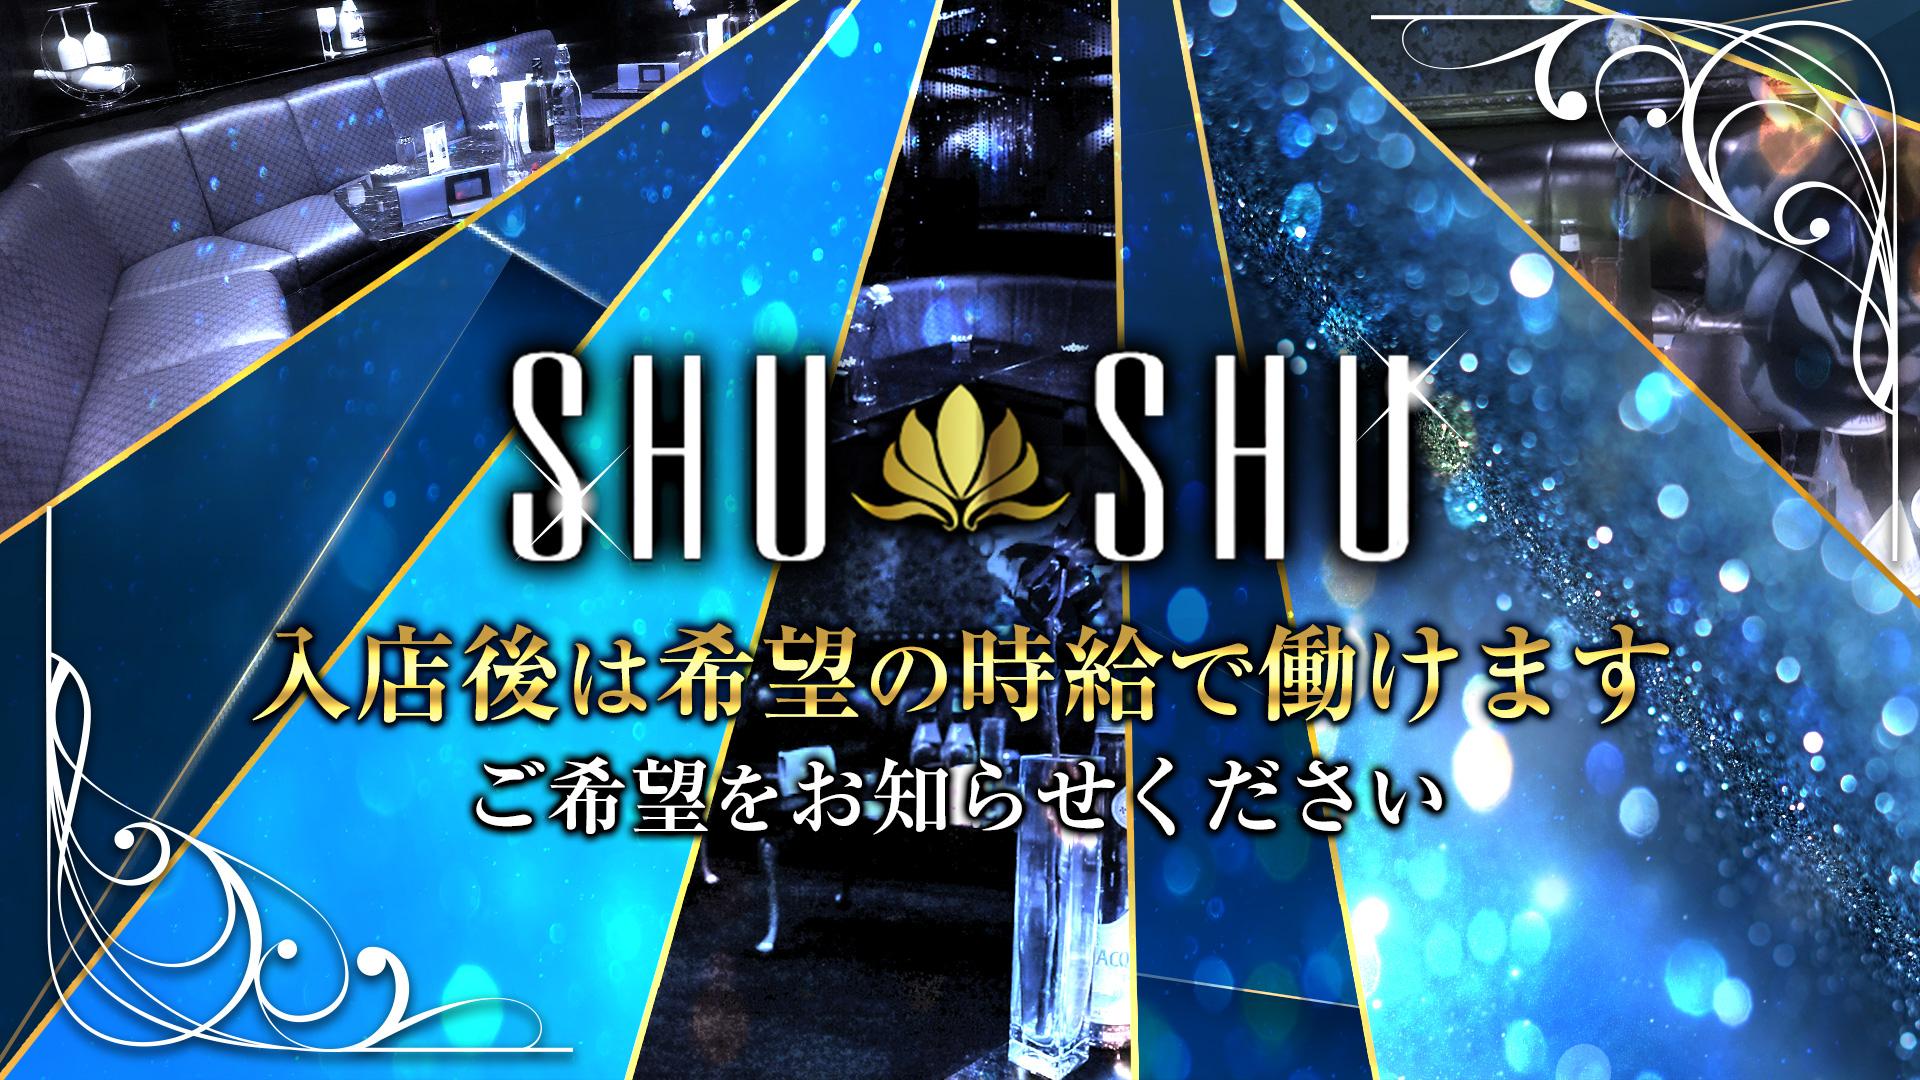 SHU-SHU[シュシュ] 西船橋 キャバクラ TOP画像